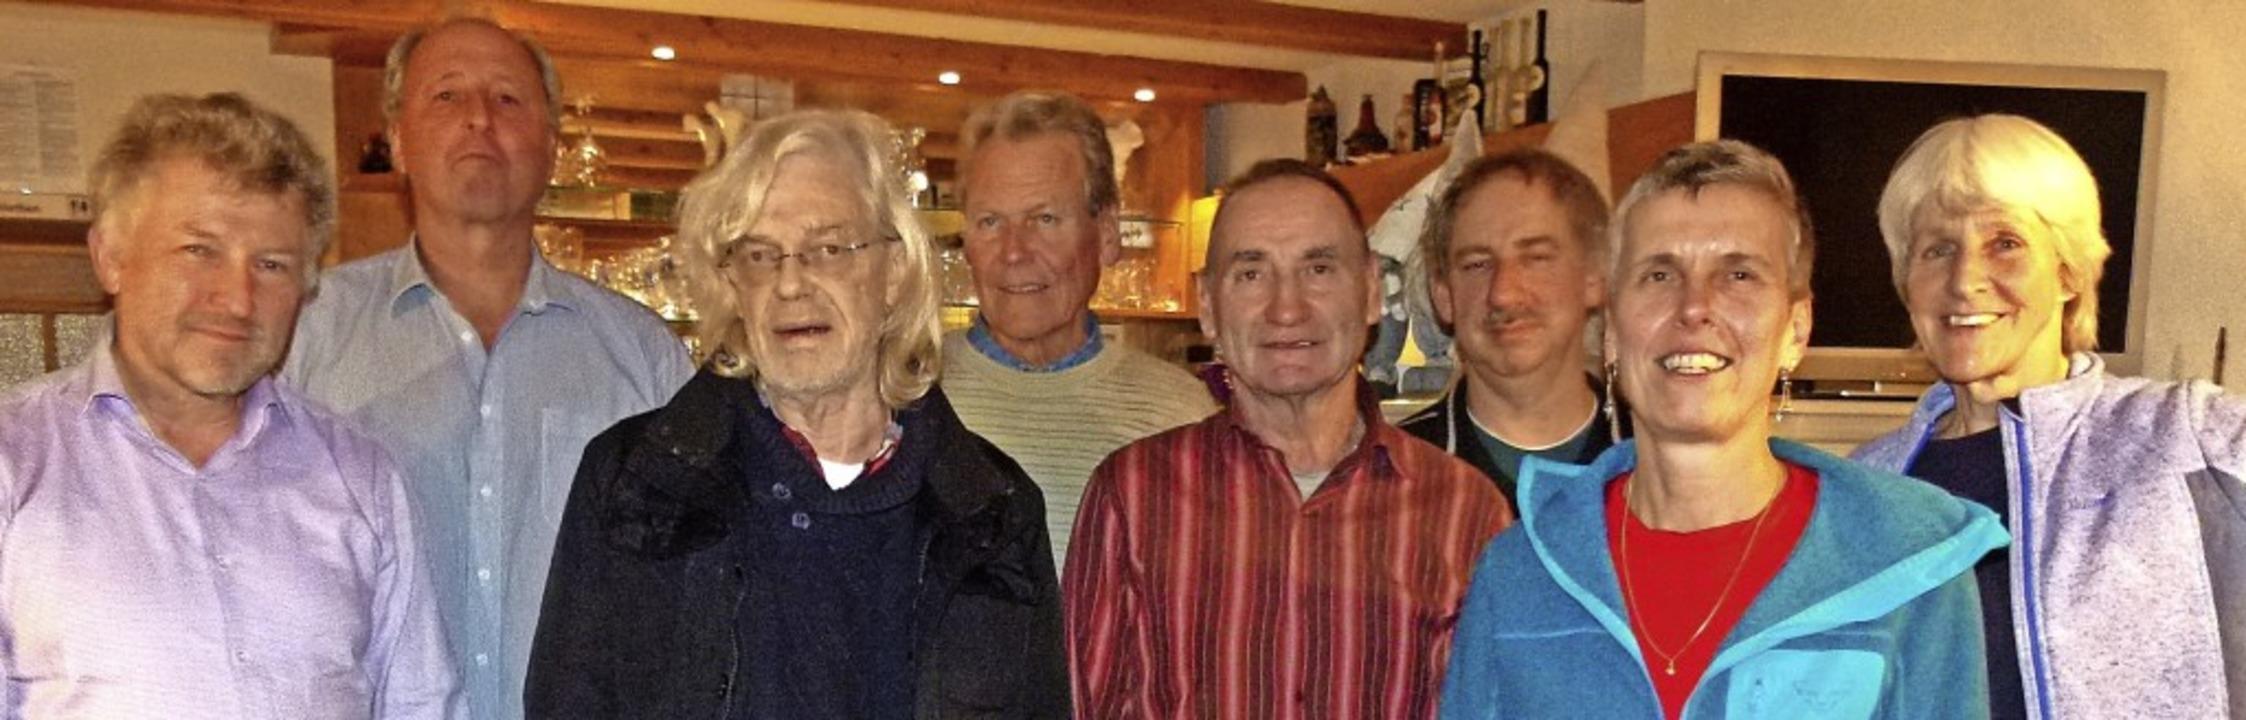 Der Vorstand des Vereins für erneuerba...feifer, Patricia Fromm und Sonja Eiche  | Foto: Dirk Friberg